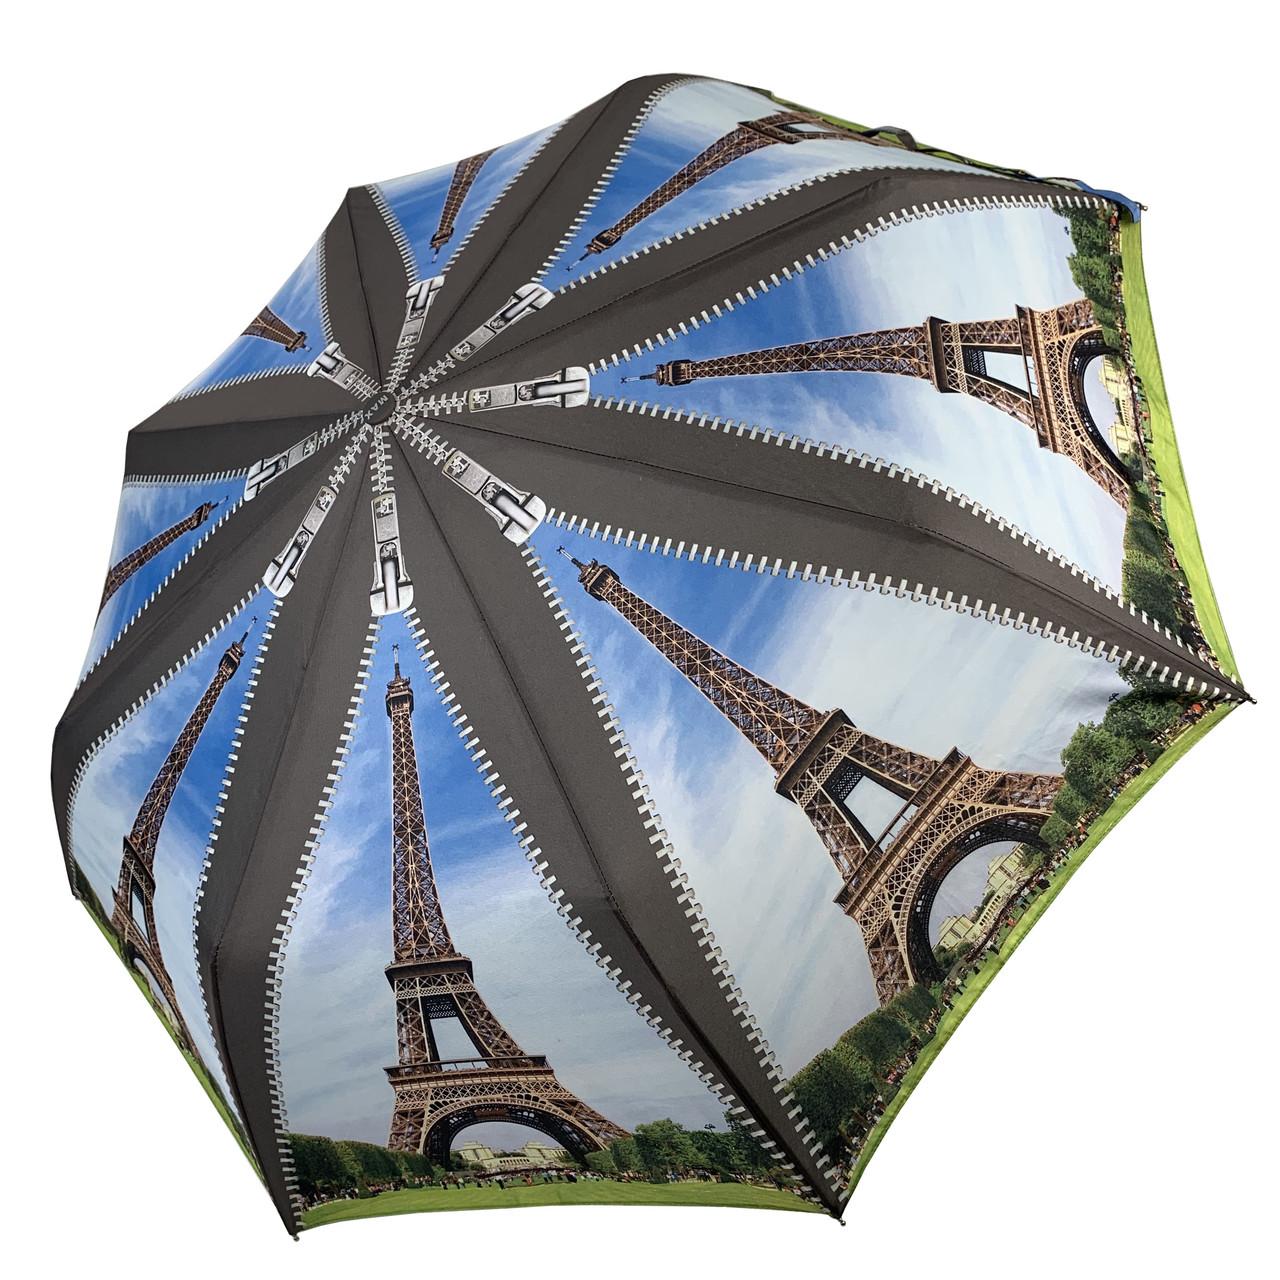 Женский складной зонт-полуавтомат с облегченным каркасом и Эйфелевой башней от Max, серая ручка, 314-1